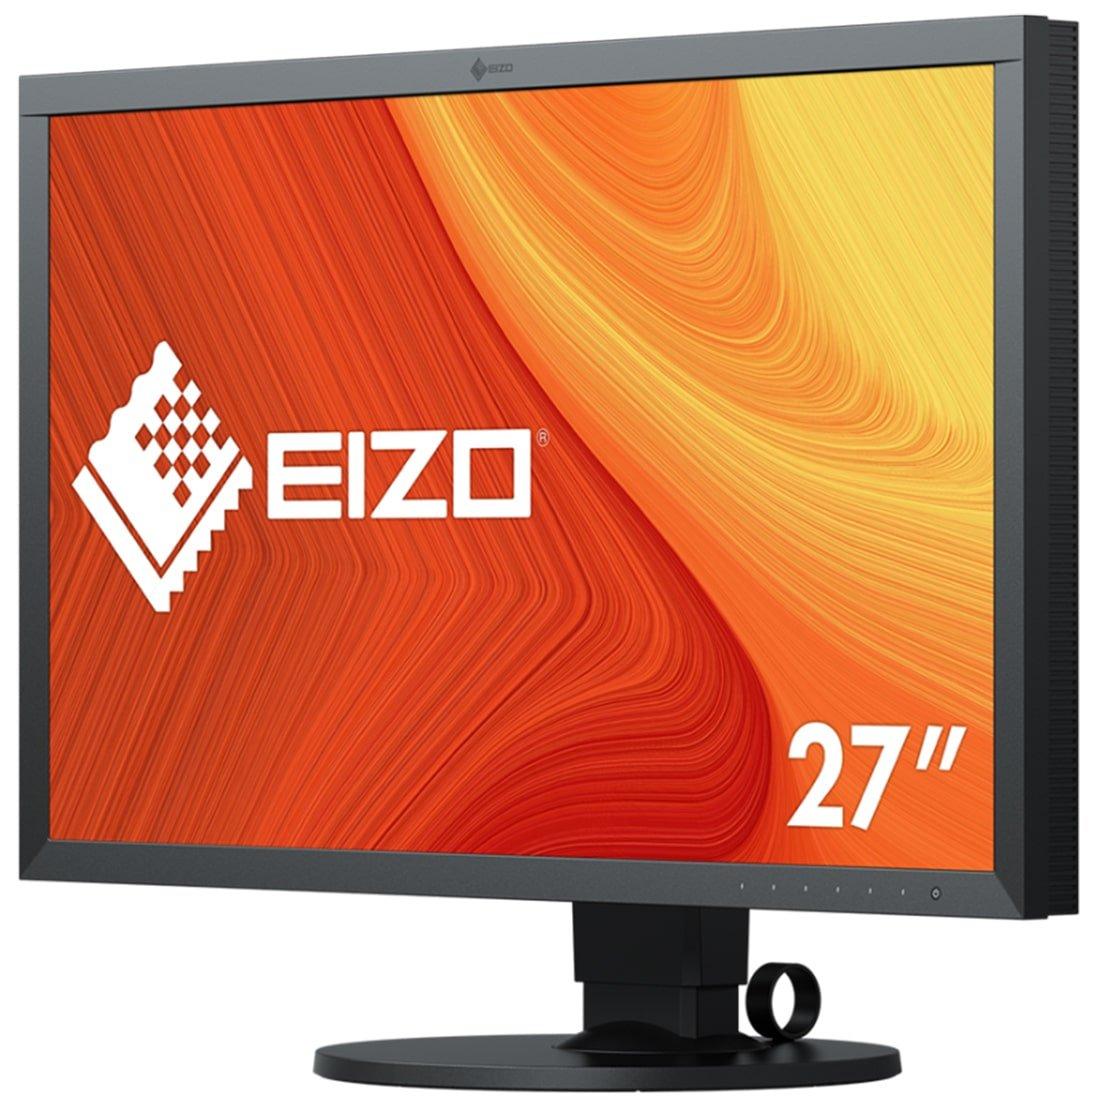 Hauptbild von EIZO ColorEdge CS2740